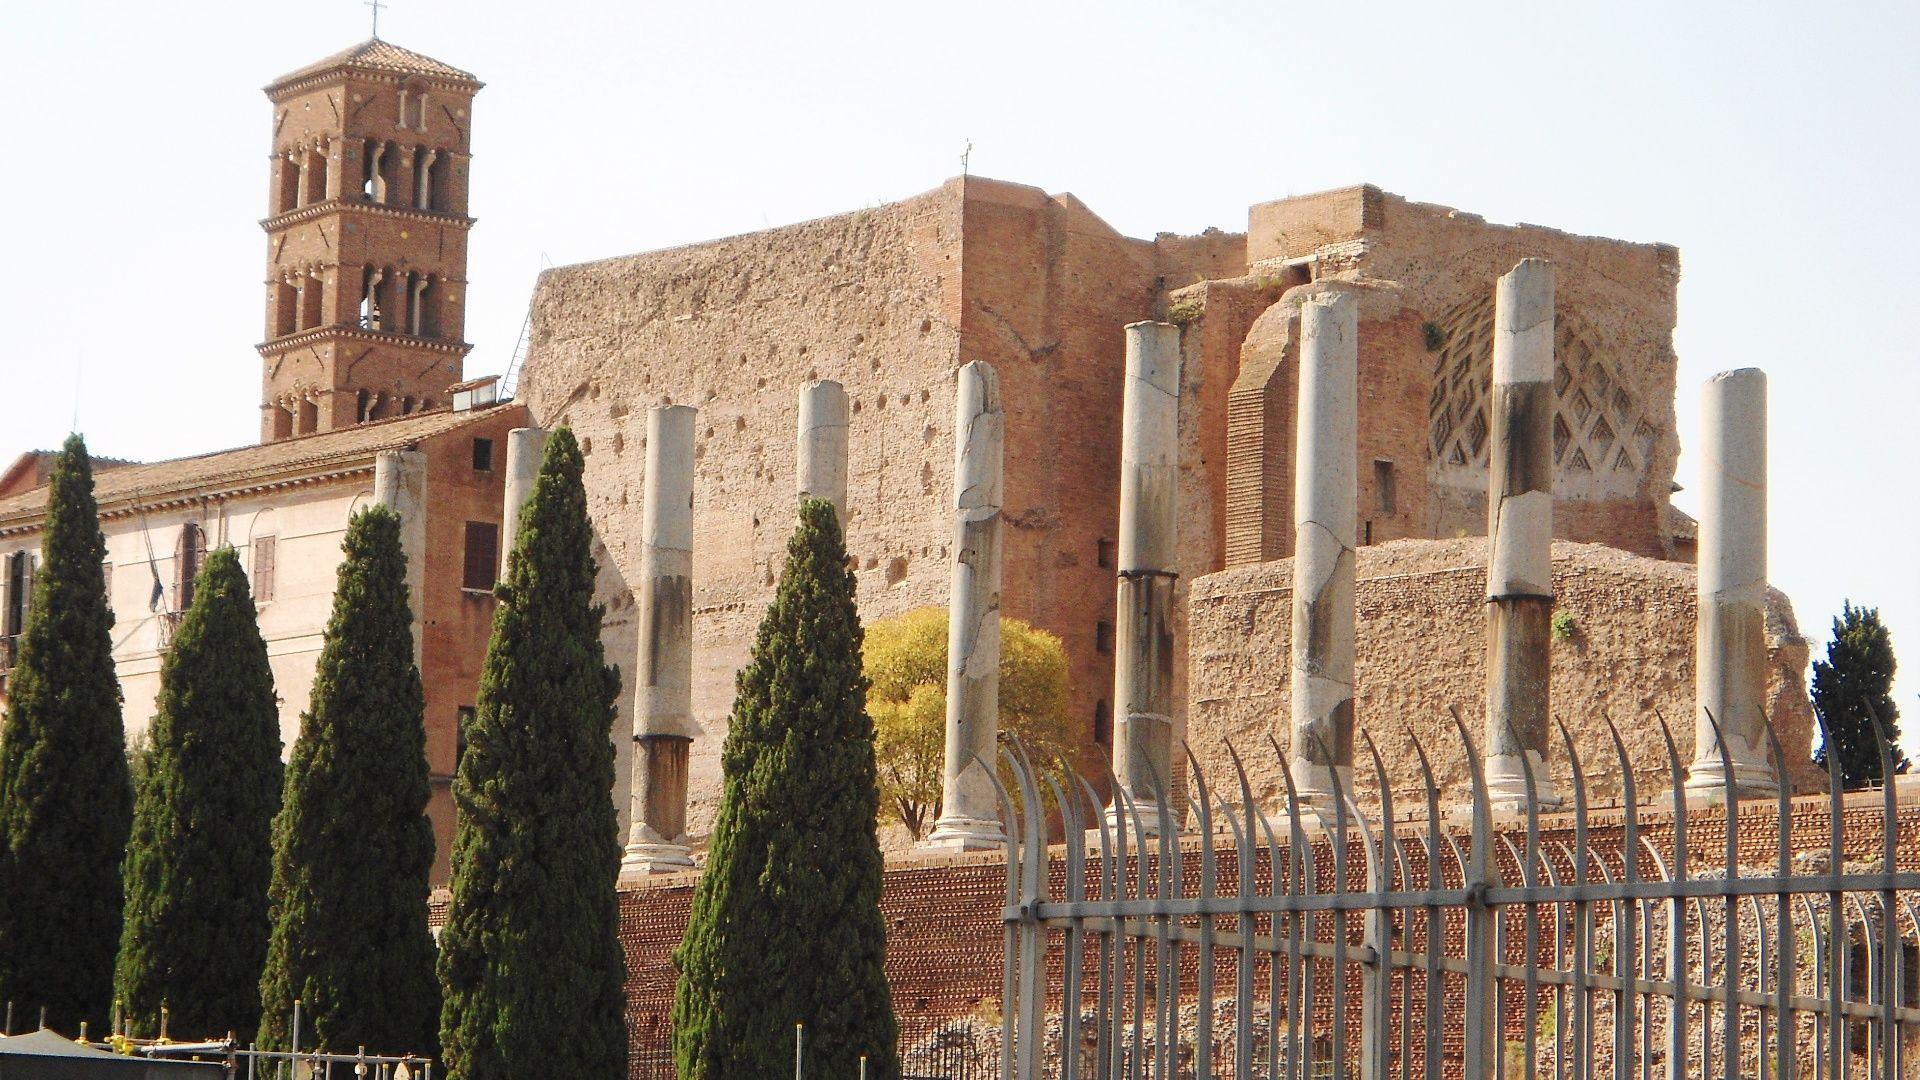 foto de Foro romano Roma 2012 Viajes Roma y Romanos